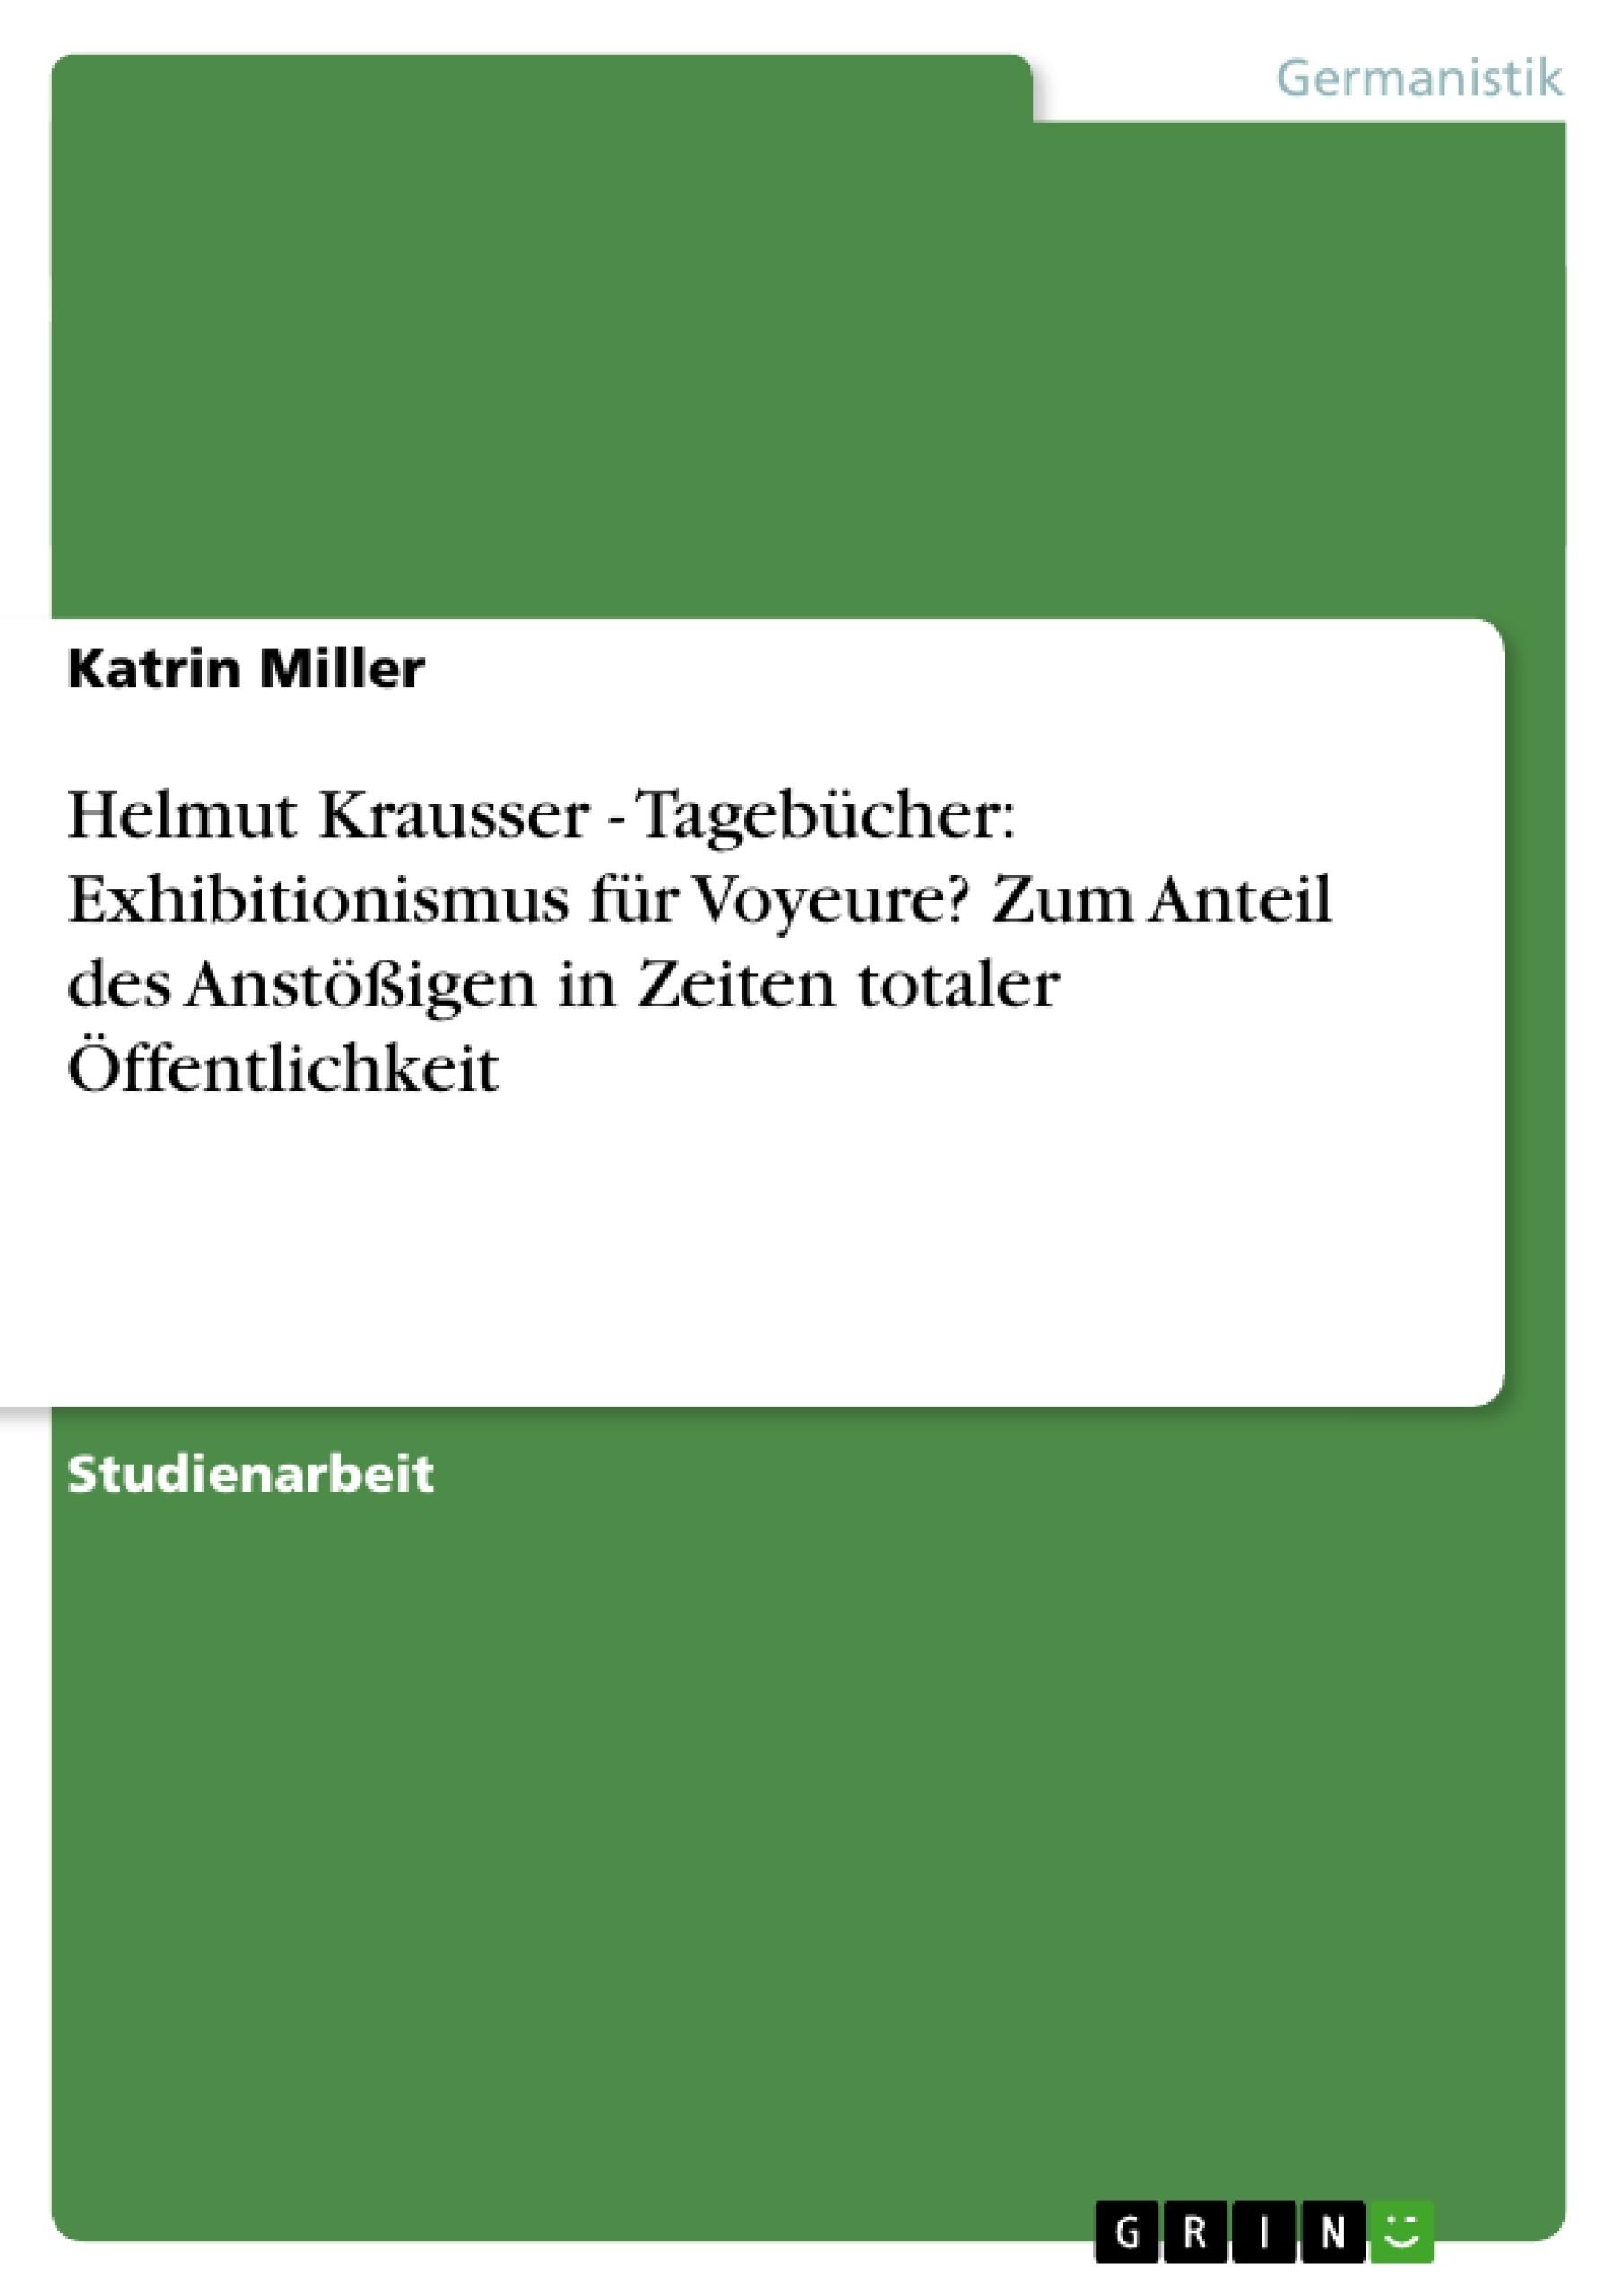 Titel: Helmut Krausser - Tagebücher: Exhibitionismus für Voyeure? Zum Anteil des Anstößigen in Zeiten totaler Öffentlichkeit